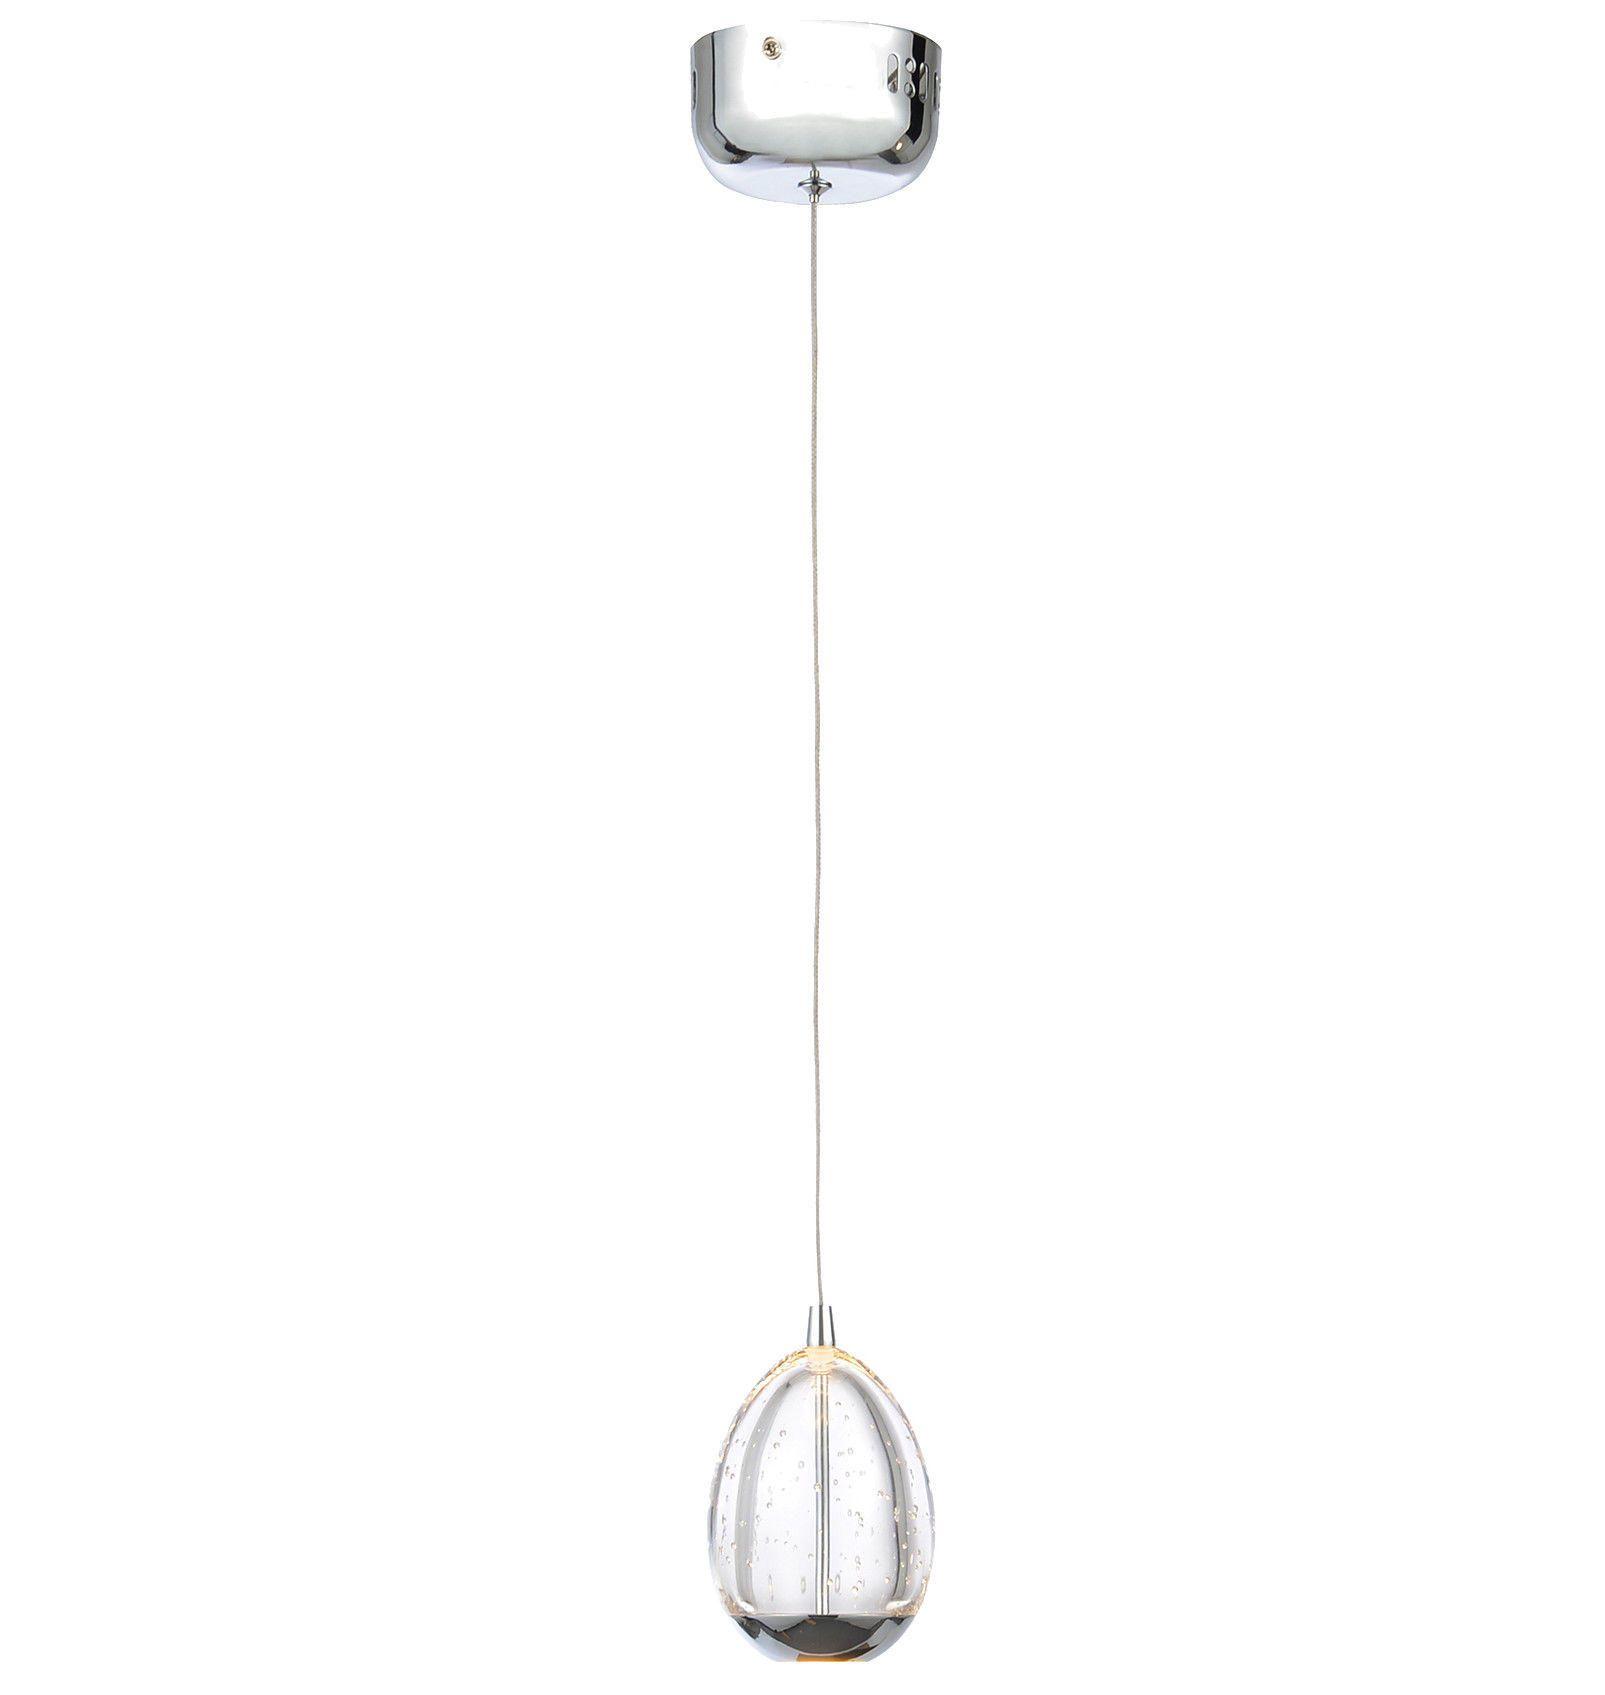 C01-LC2157-egg-1-light-ceiling-pendant-chrome